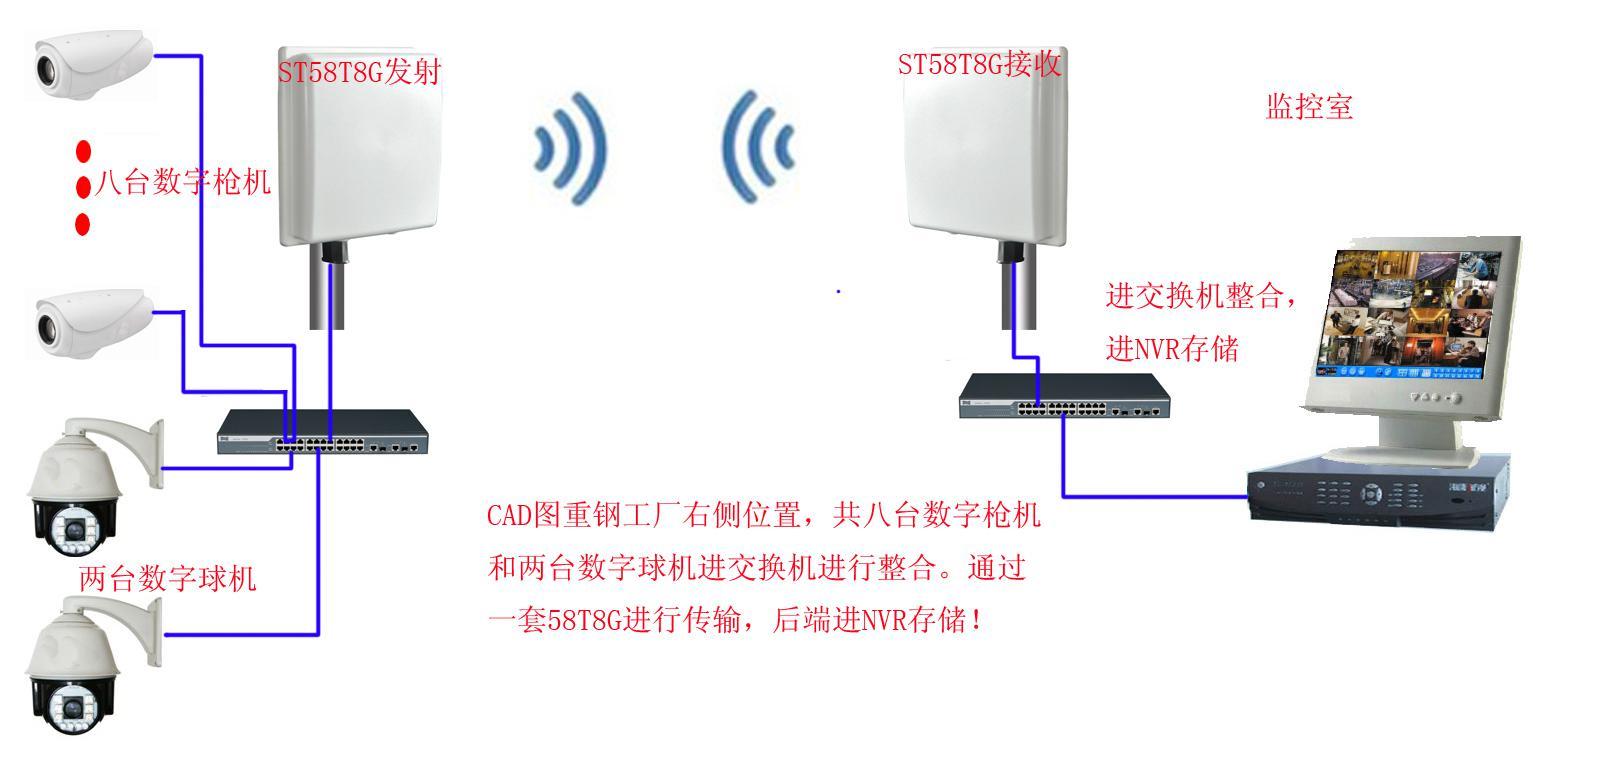 无线视频监控系统图